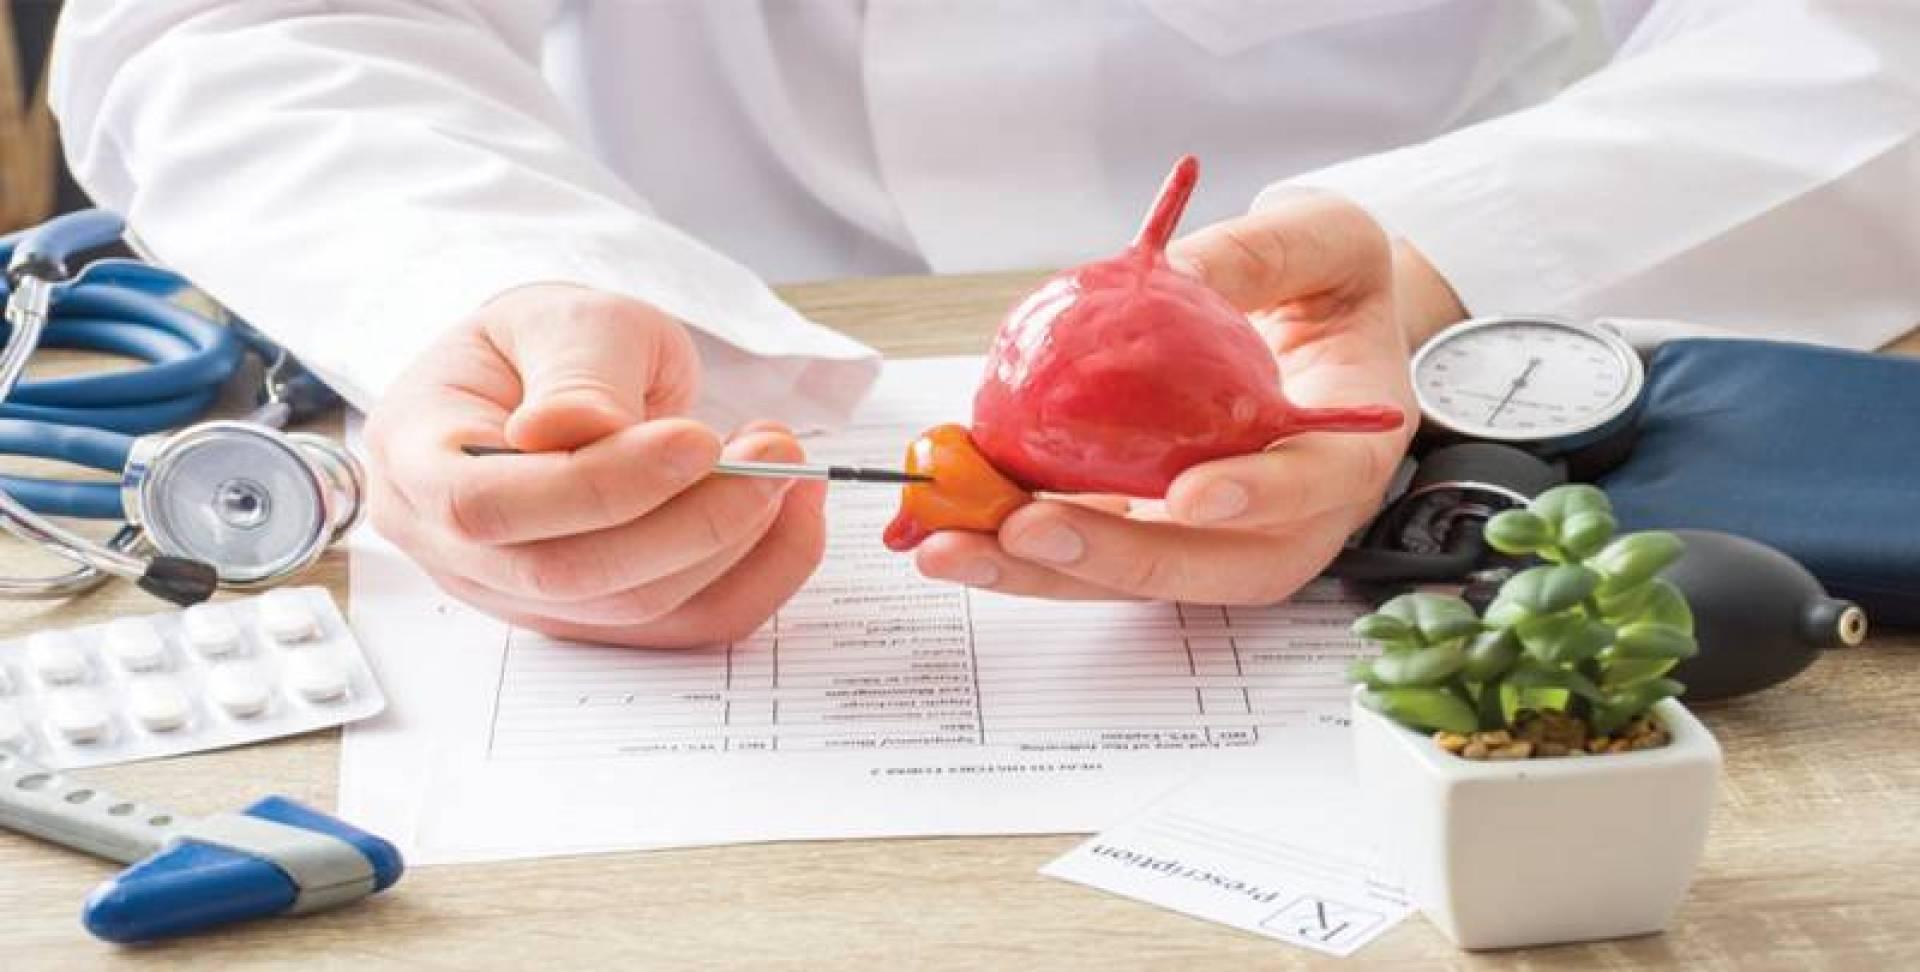 تضخم البروستاتا ليس مرضاً أو ورماً.. بل حالة طبيعية